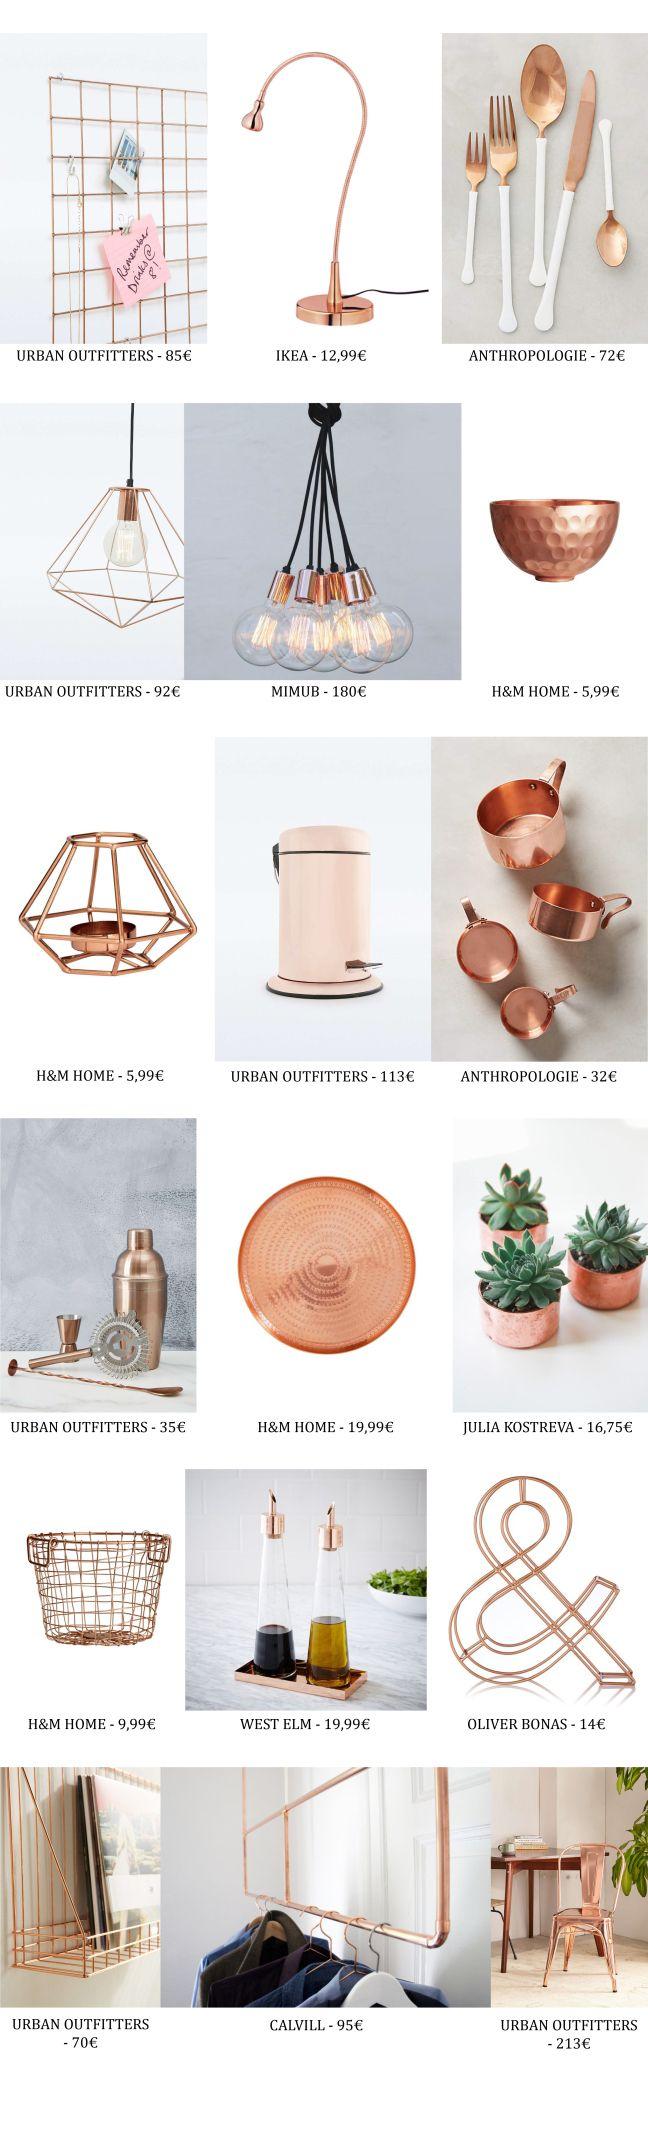 Tendencias decoración: El cobre - en The Creative Jungle